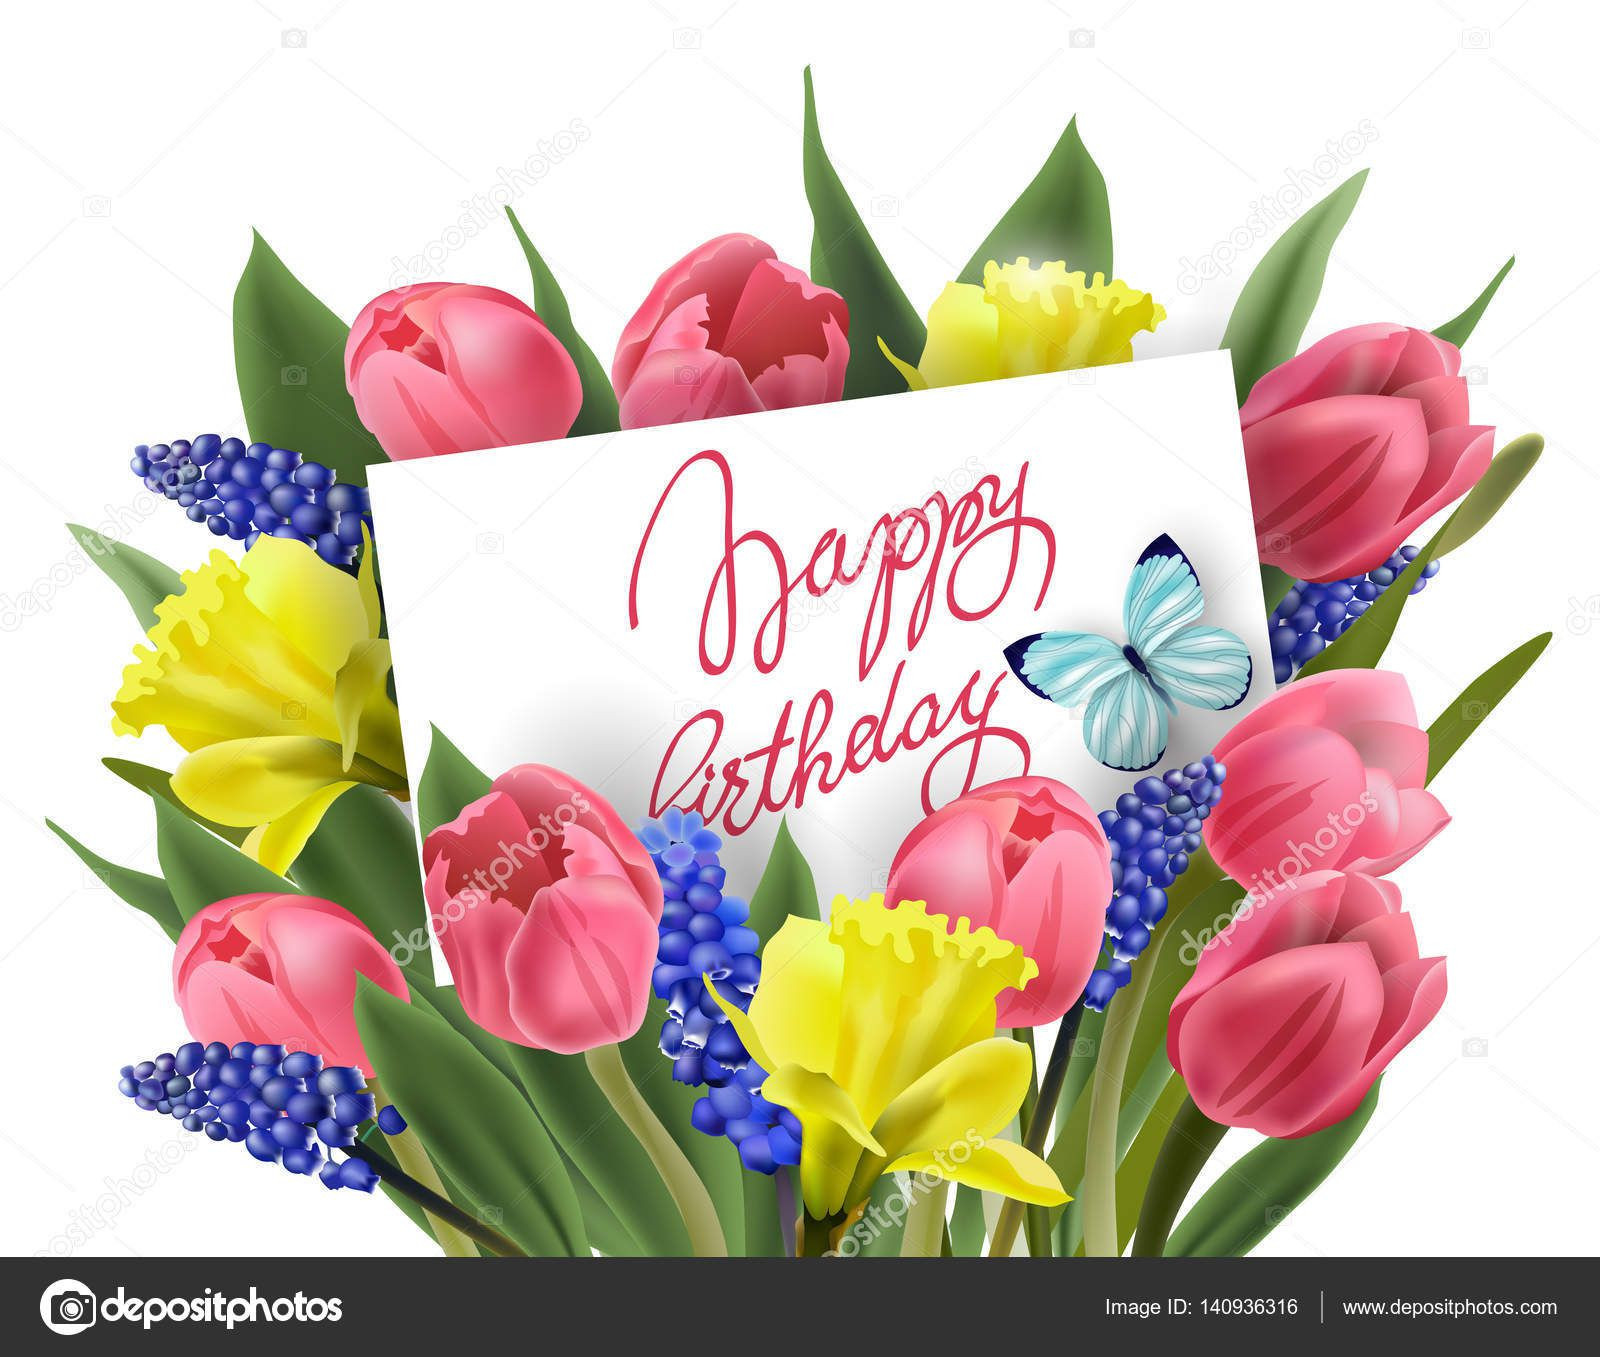 Blumen Geburtstag Bilder Kostenlos  Bilder Alles Gute Zum Geburtstag Blumen